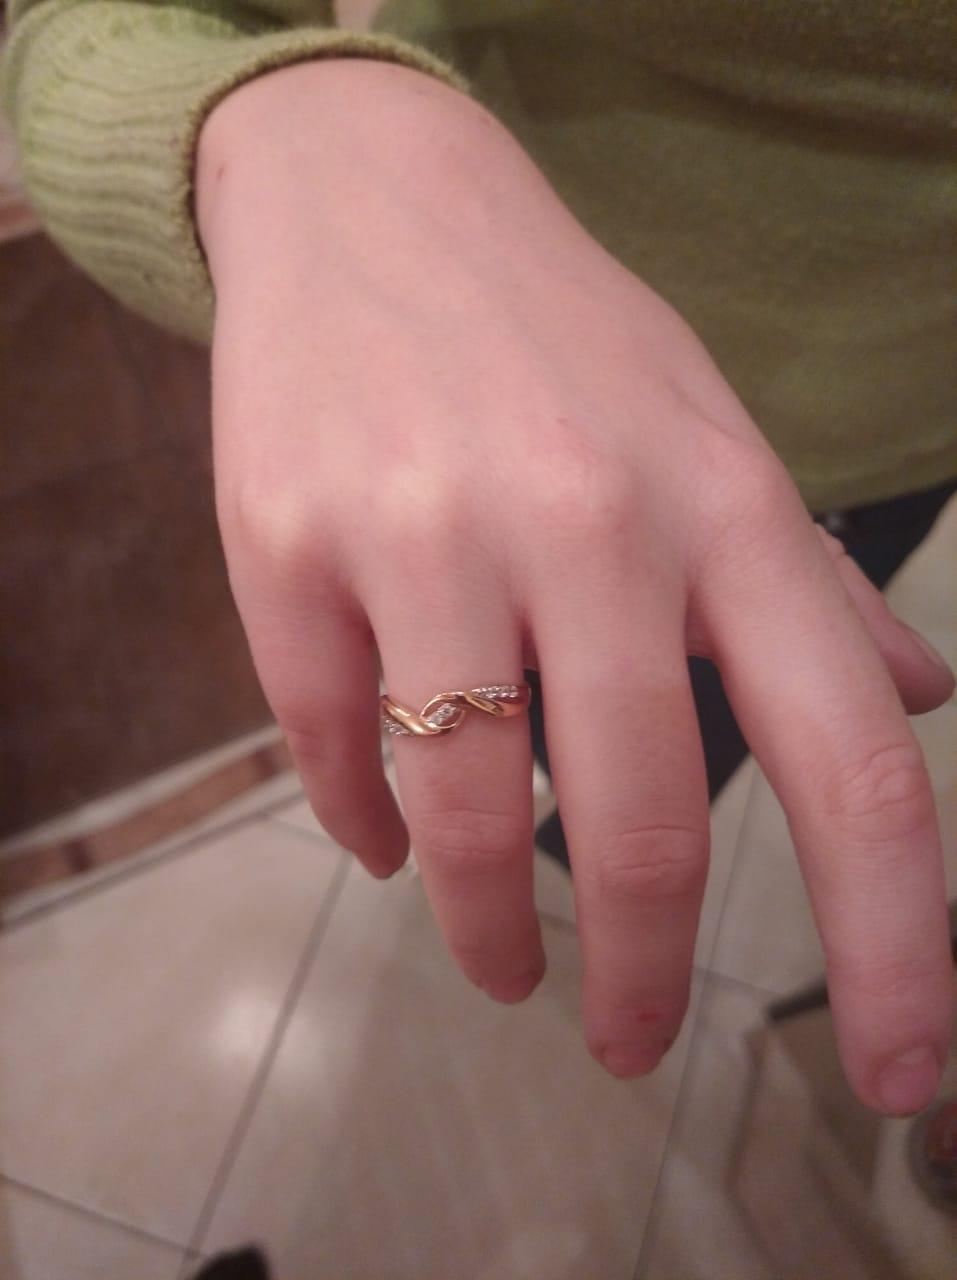 Отлично кольцо , все на высшем уровне!